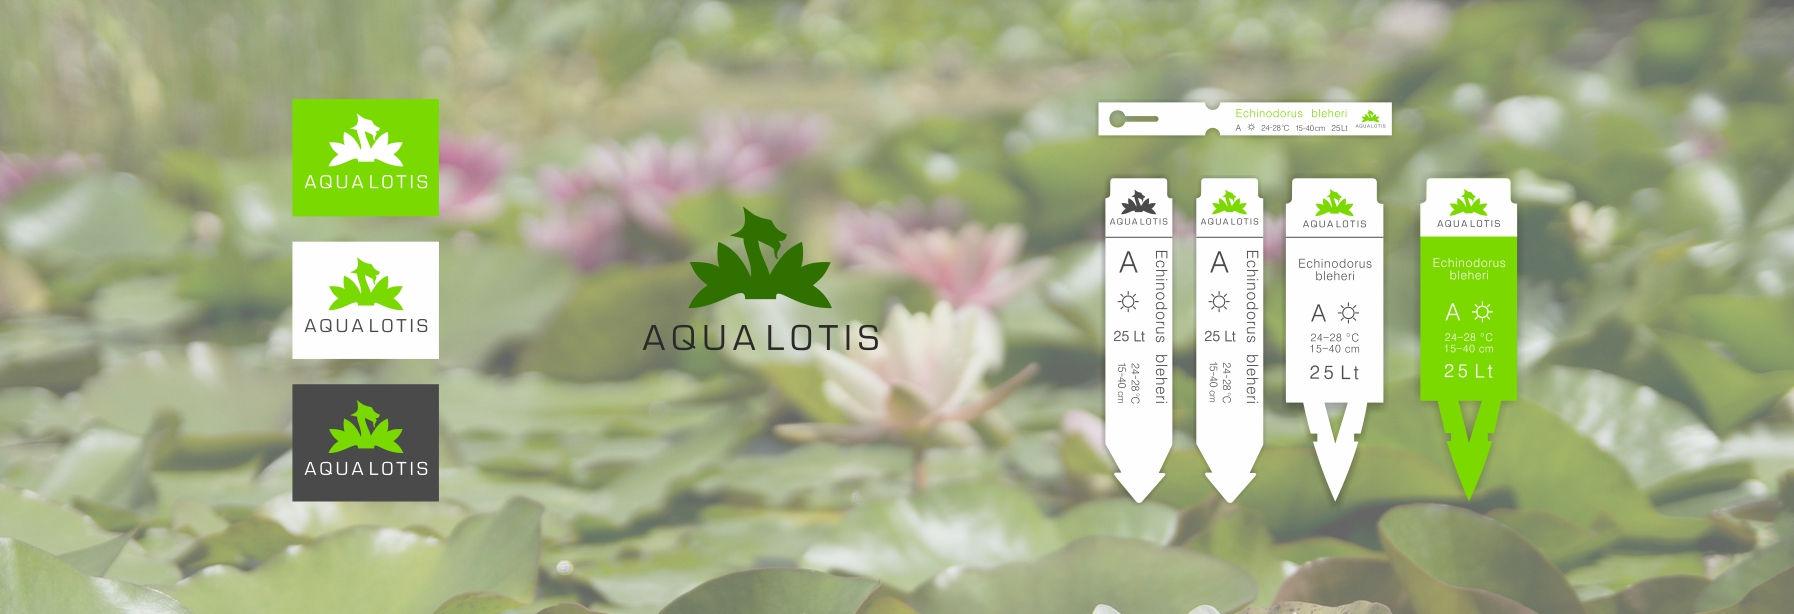 aqualotis